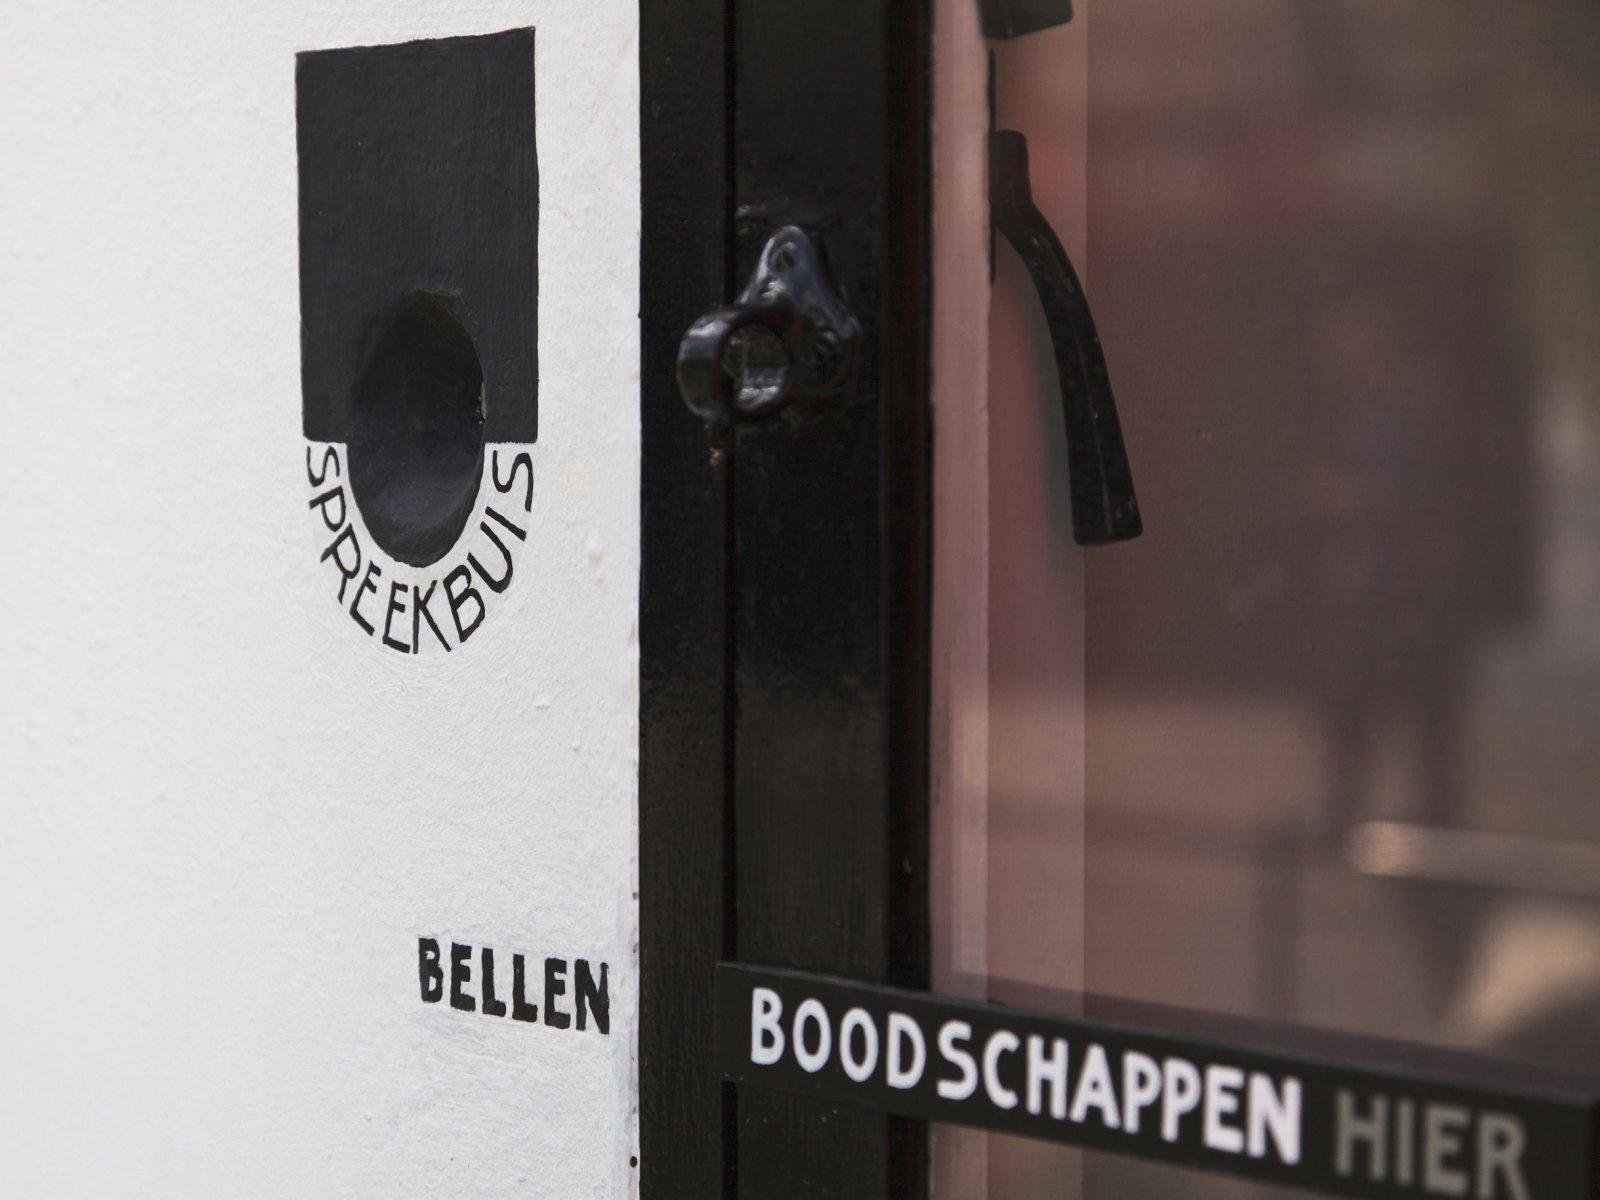 Nanette de Jong, Foto gemaakt voor het programma Visie Erfgoed en Ruimte, 2012, Beeldbank van de Rijksdienst voor het Cultureel Erfgoed